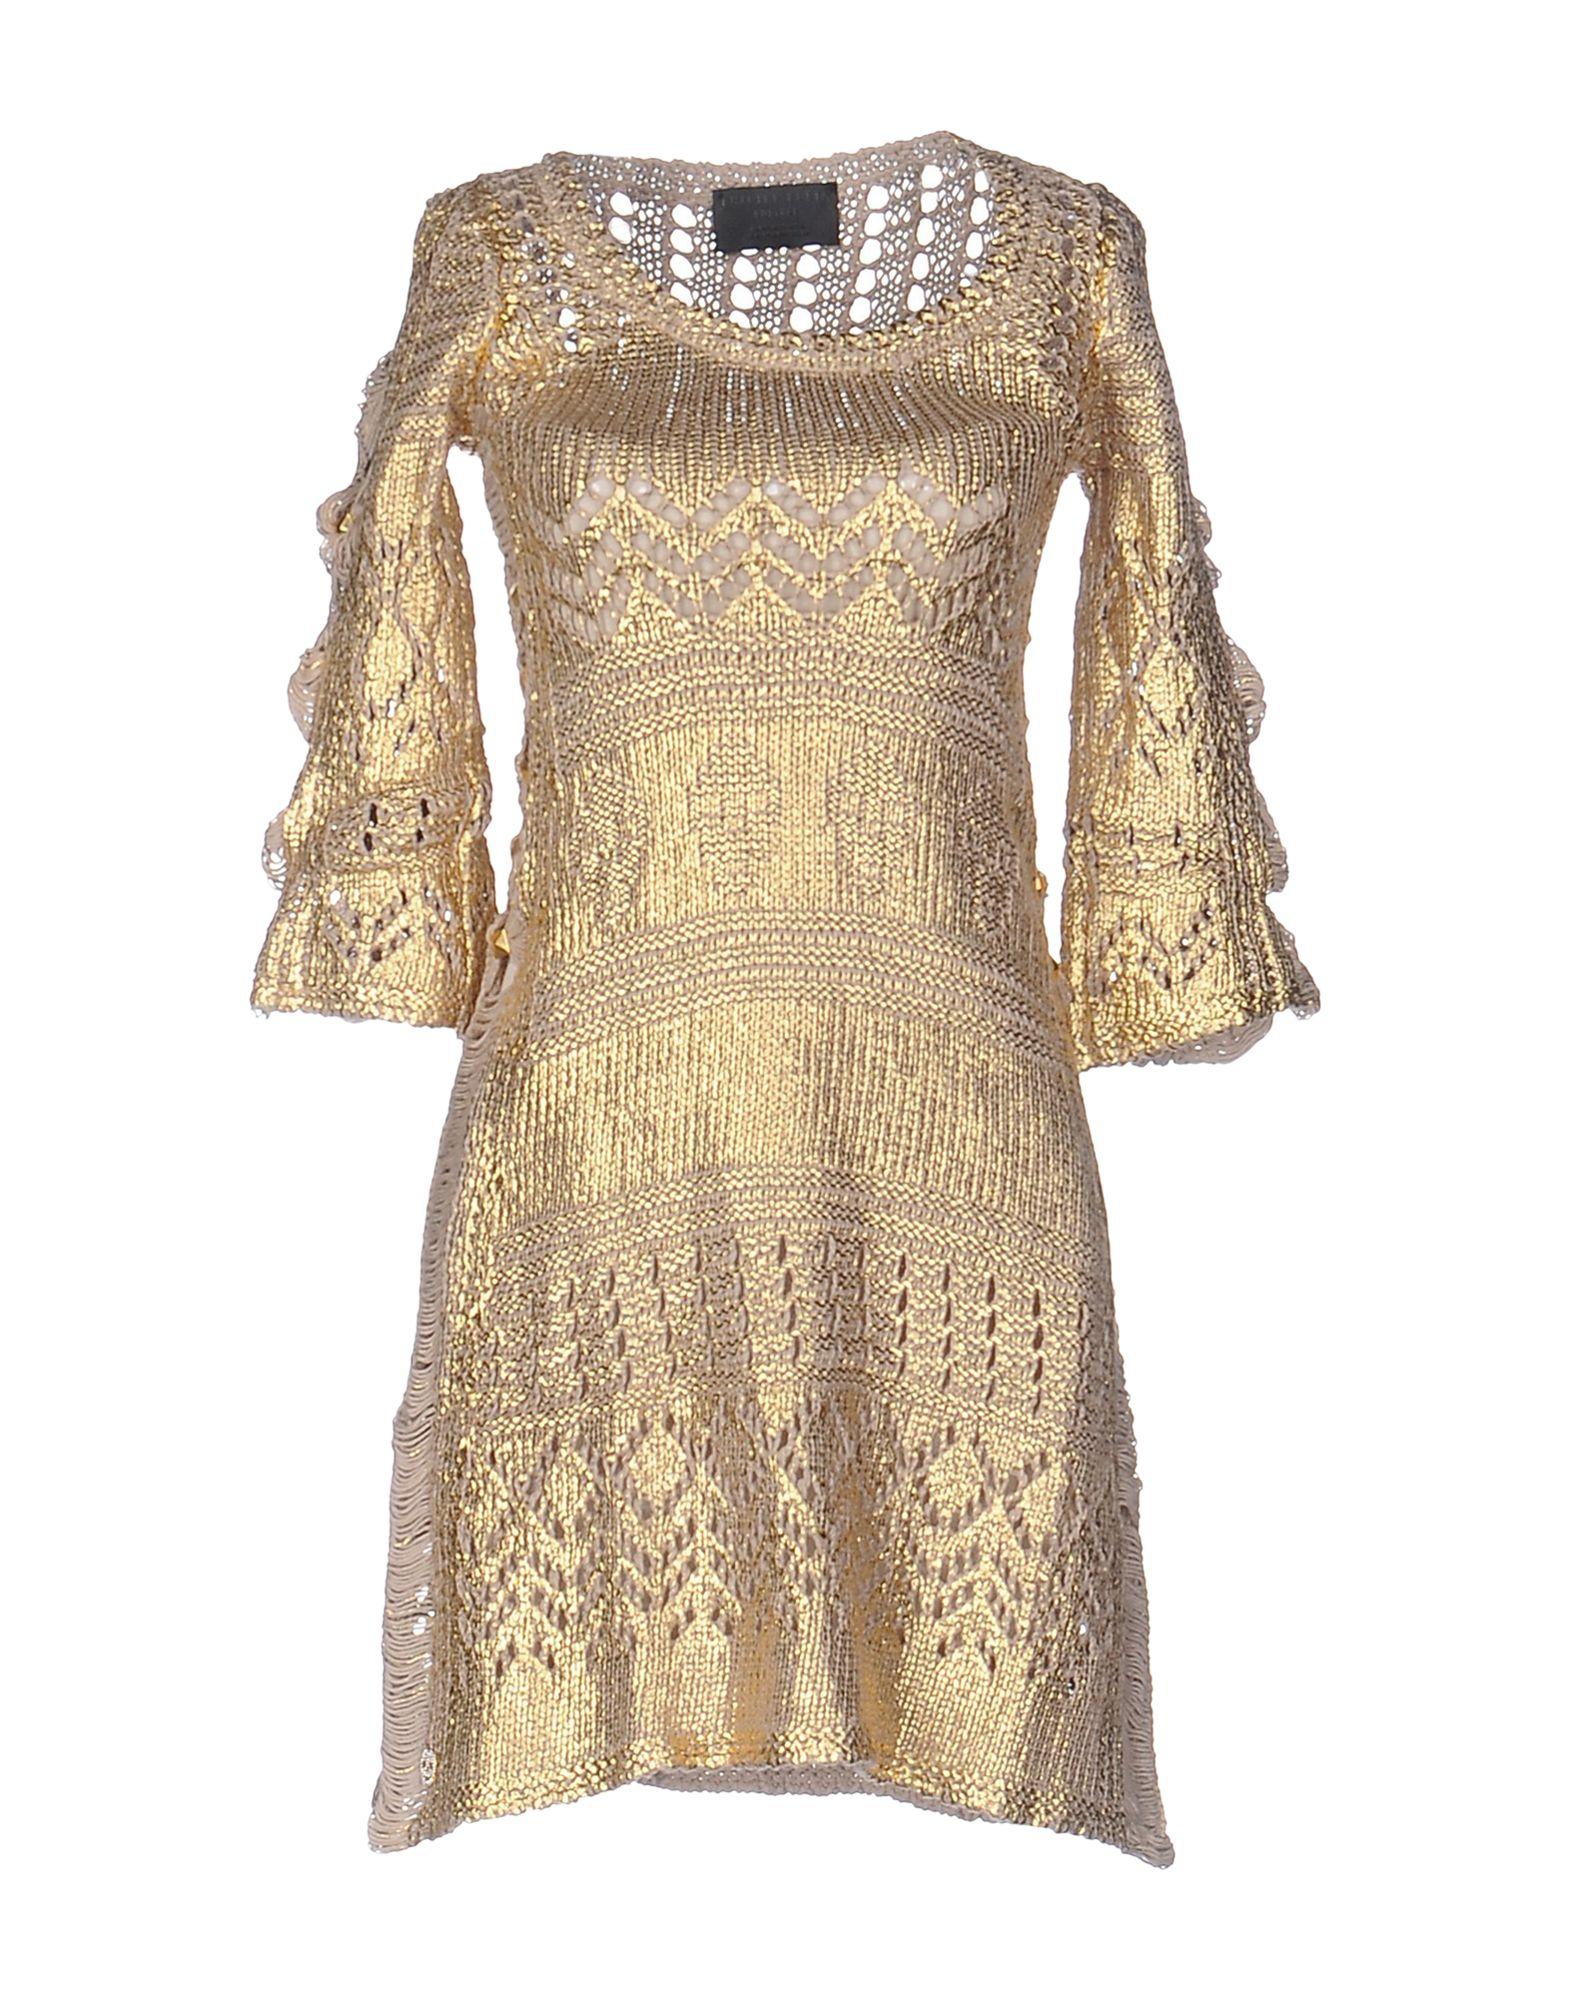 PHILIPP PLEIN Damen Kurzes Kleid Farbe Gold Größe 7